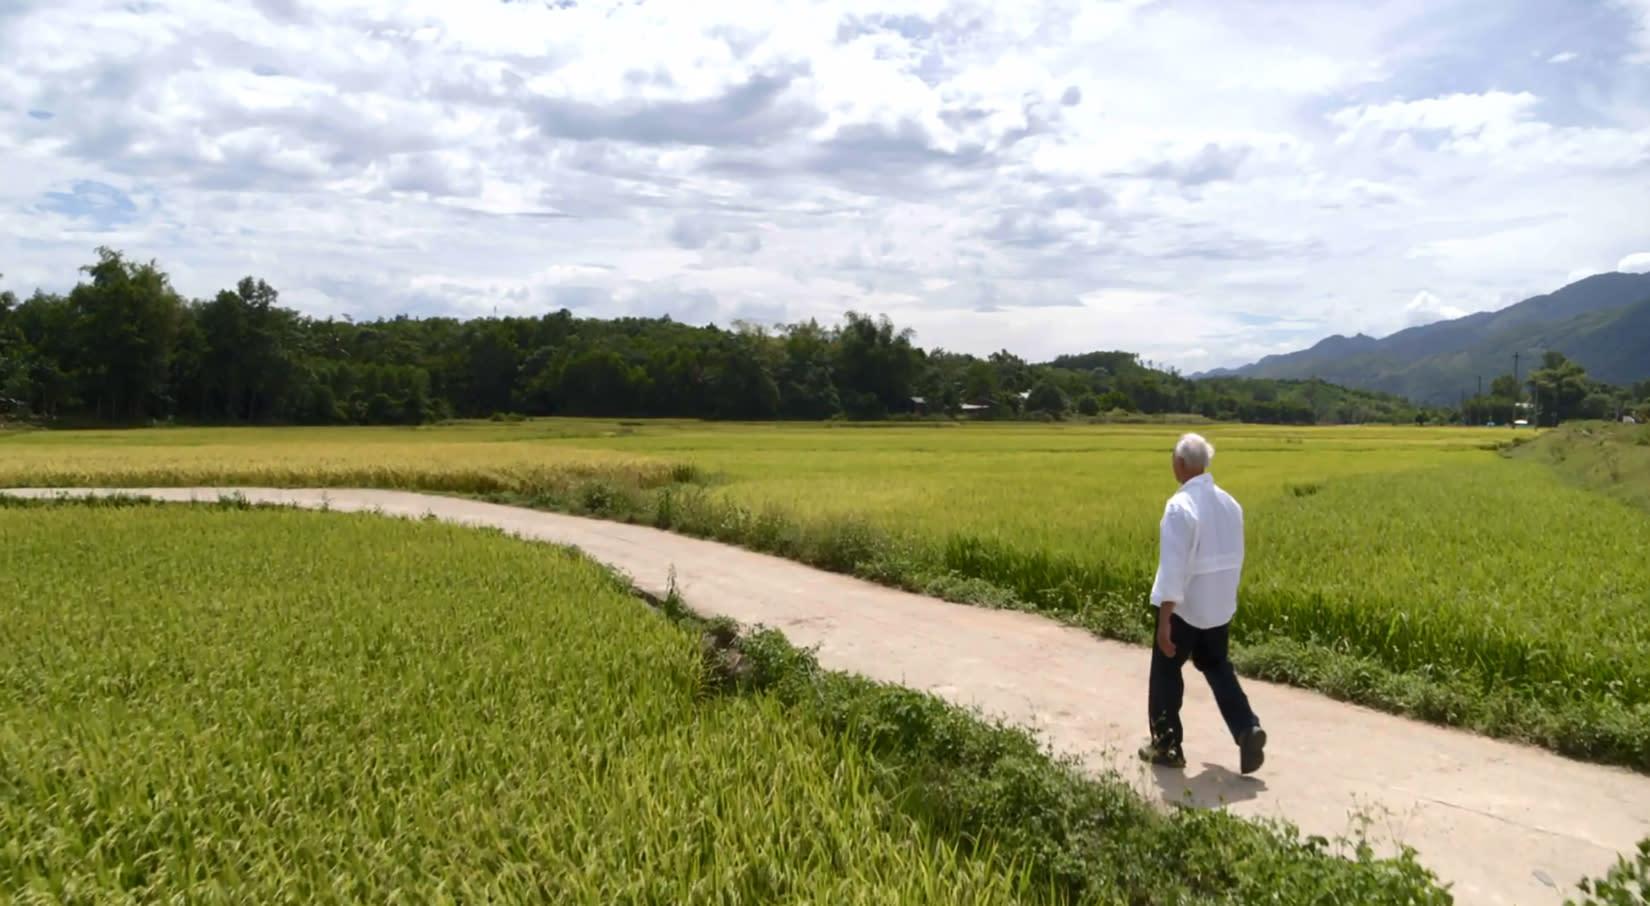 ESPN documentary shows Bleier's emotional return to Vietnam